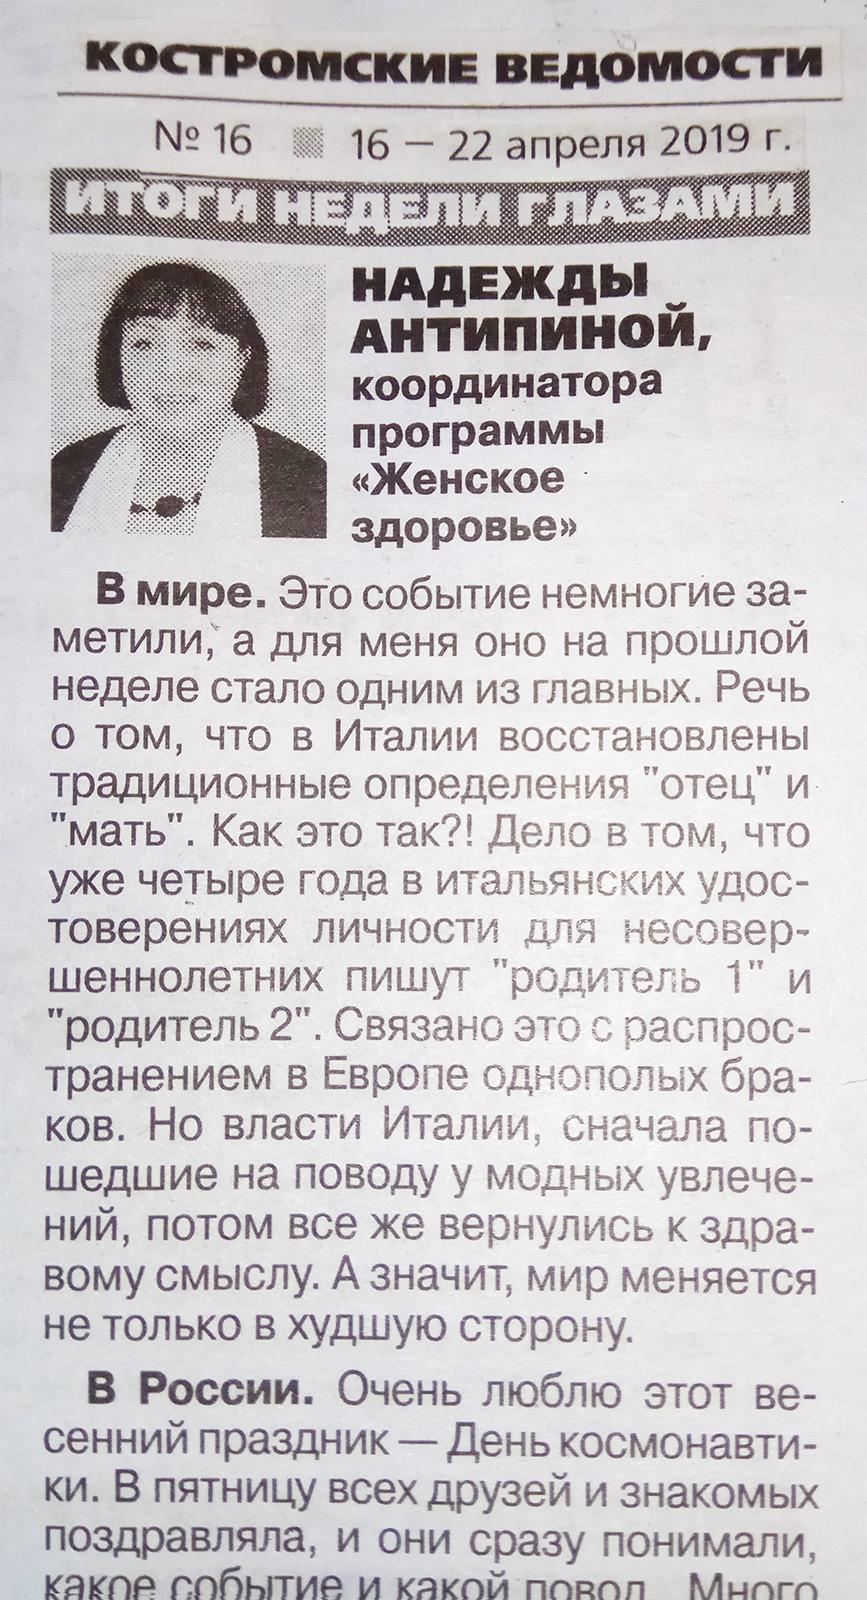 Статья в газете.